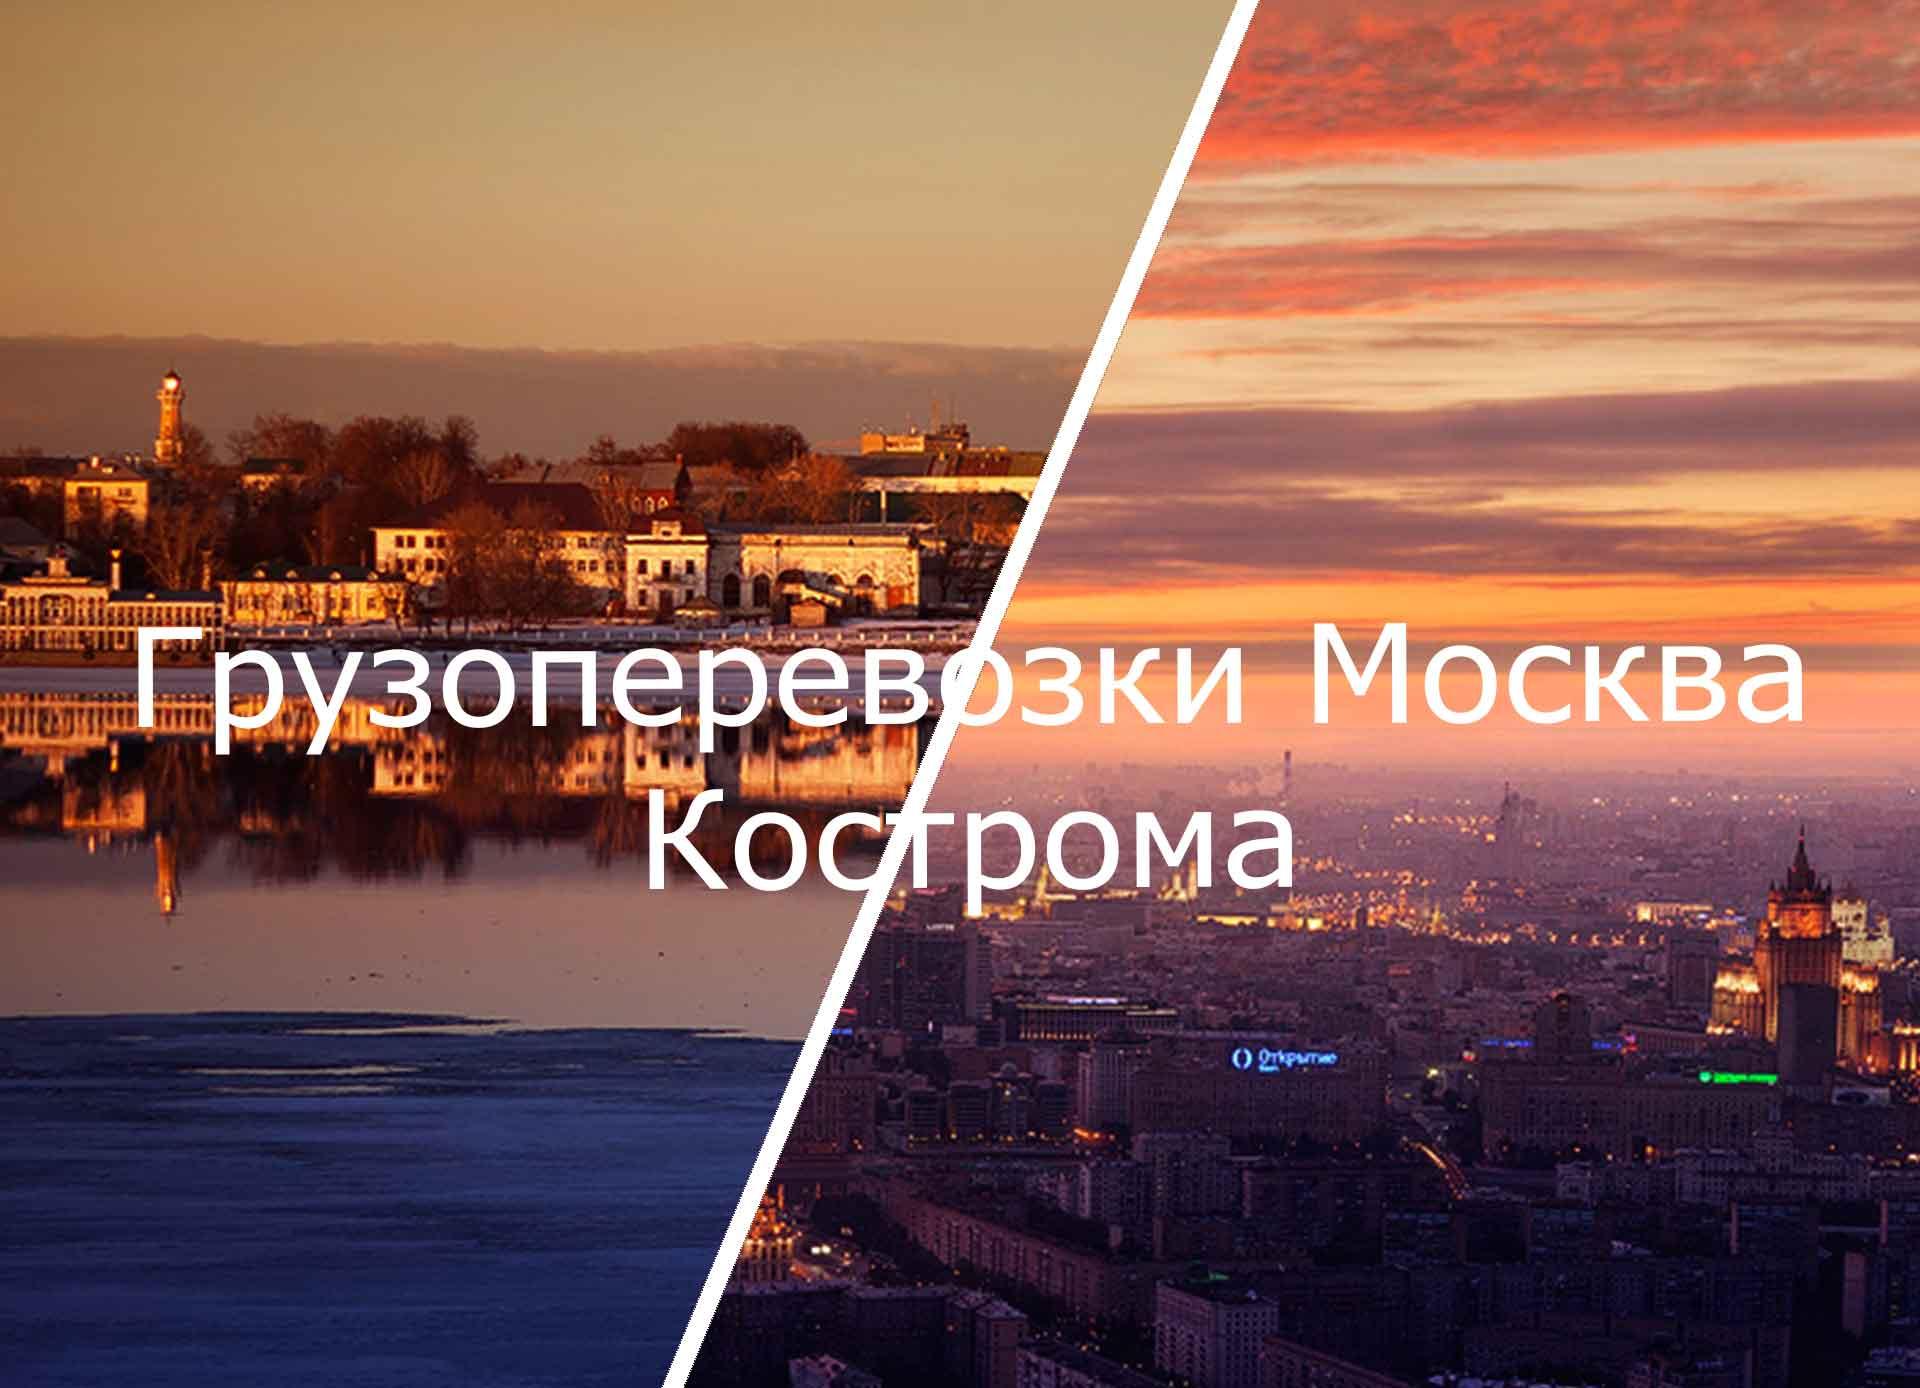 грузоперевозки москва кострома